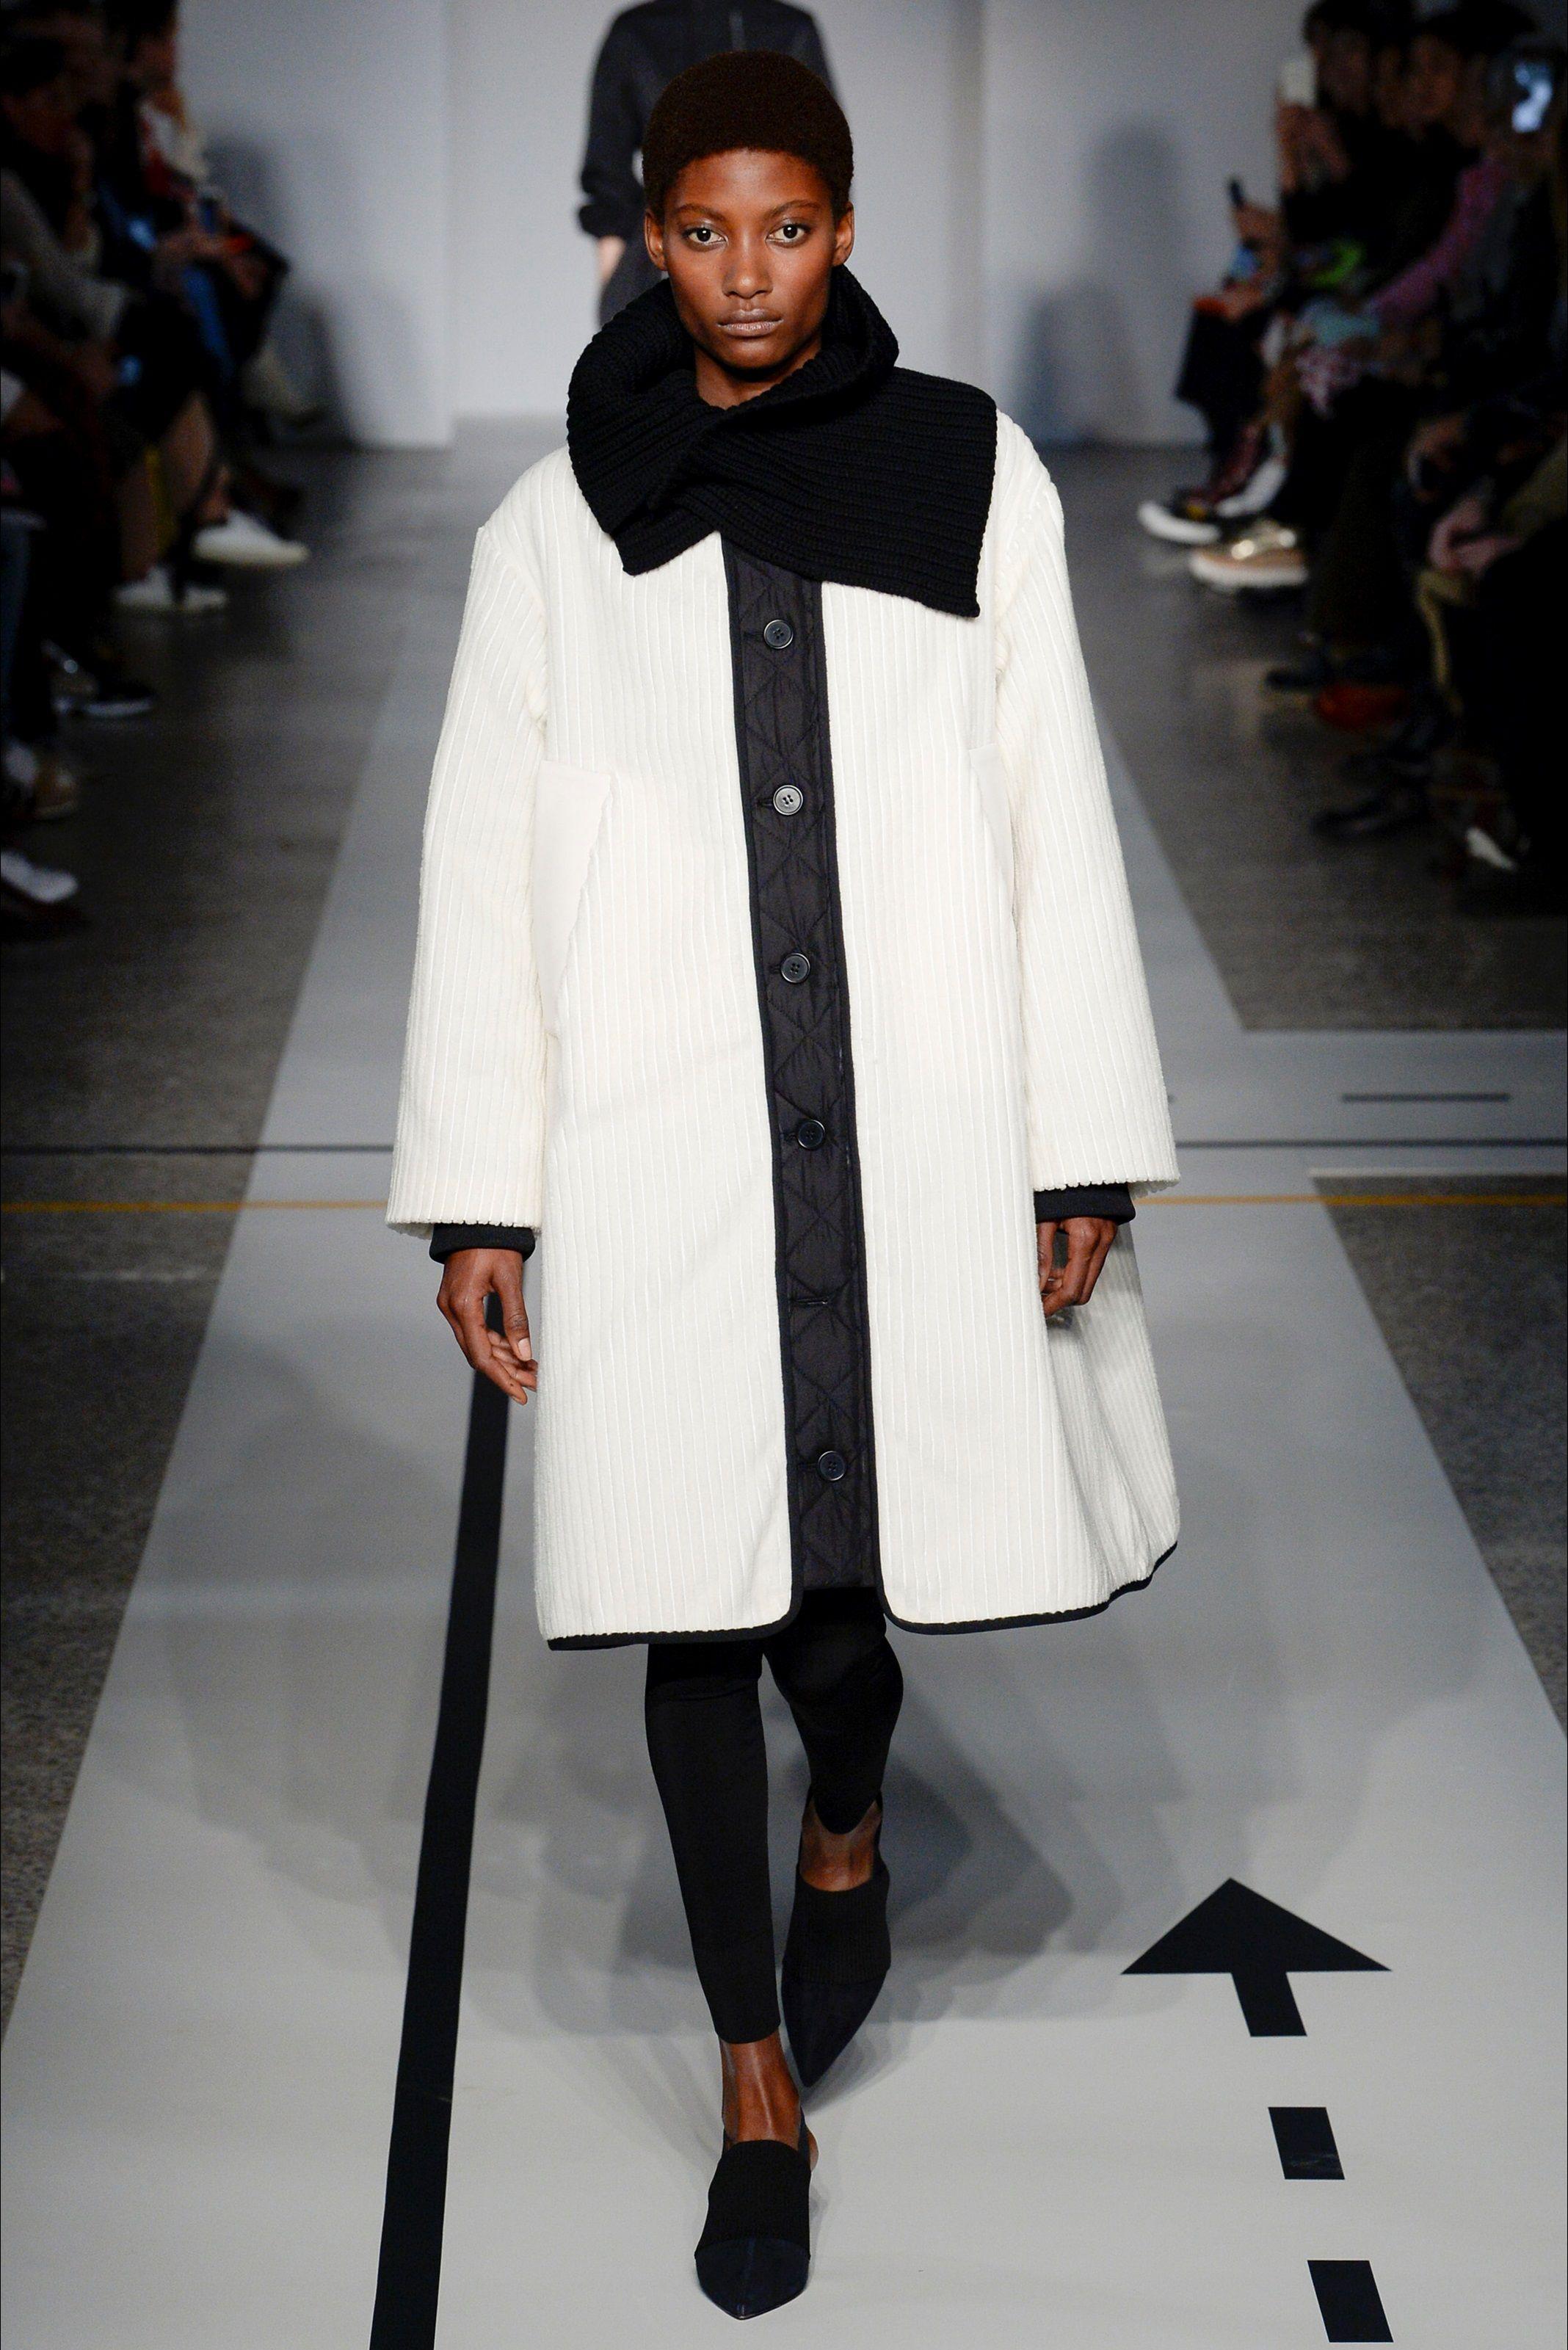 61f7e5f312 Sfilata Sportmax Milano - Collezioni Autunno Inverno 2017-18 - Vogue ...